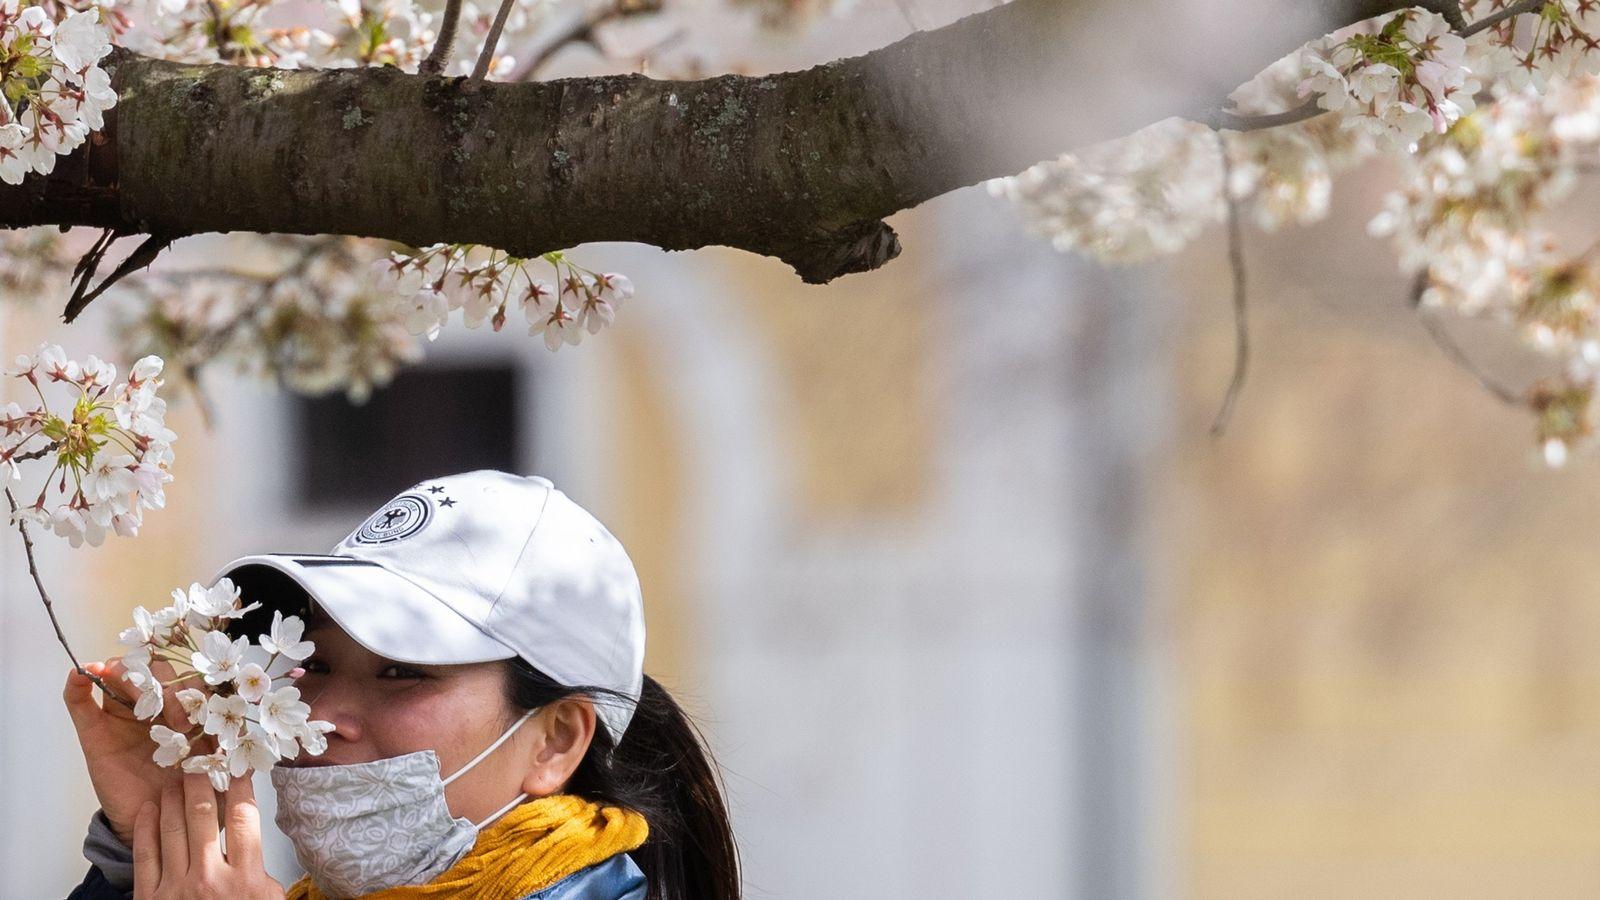 À Dresde, en Allemagne, une femme abaisse légèrement son masque pour profiter du parfum d'un cerisier ...